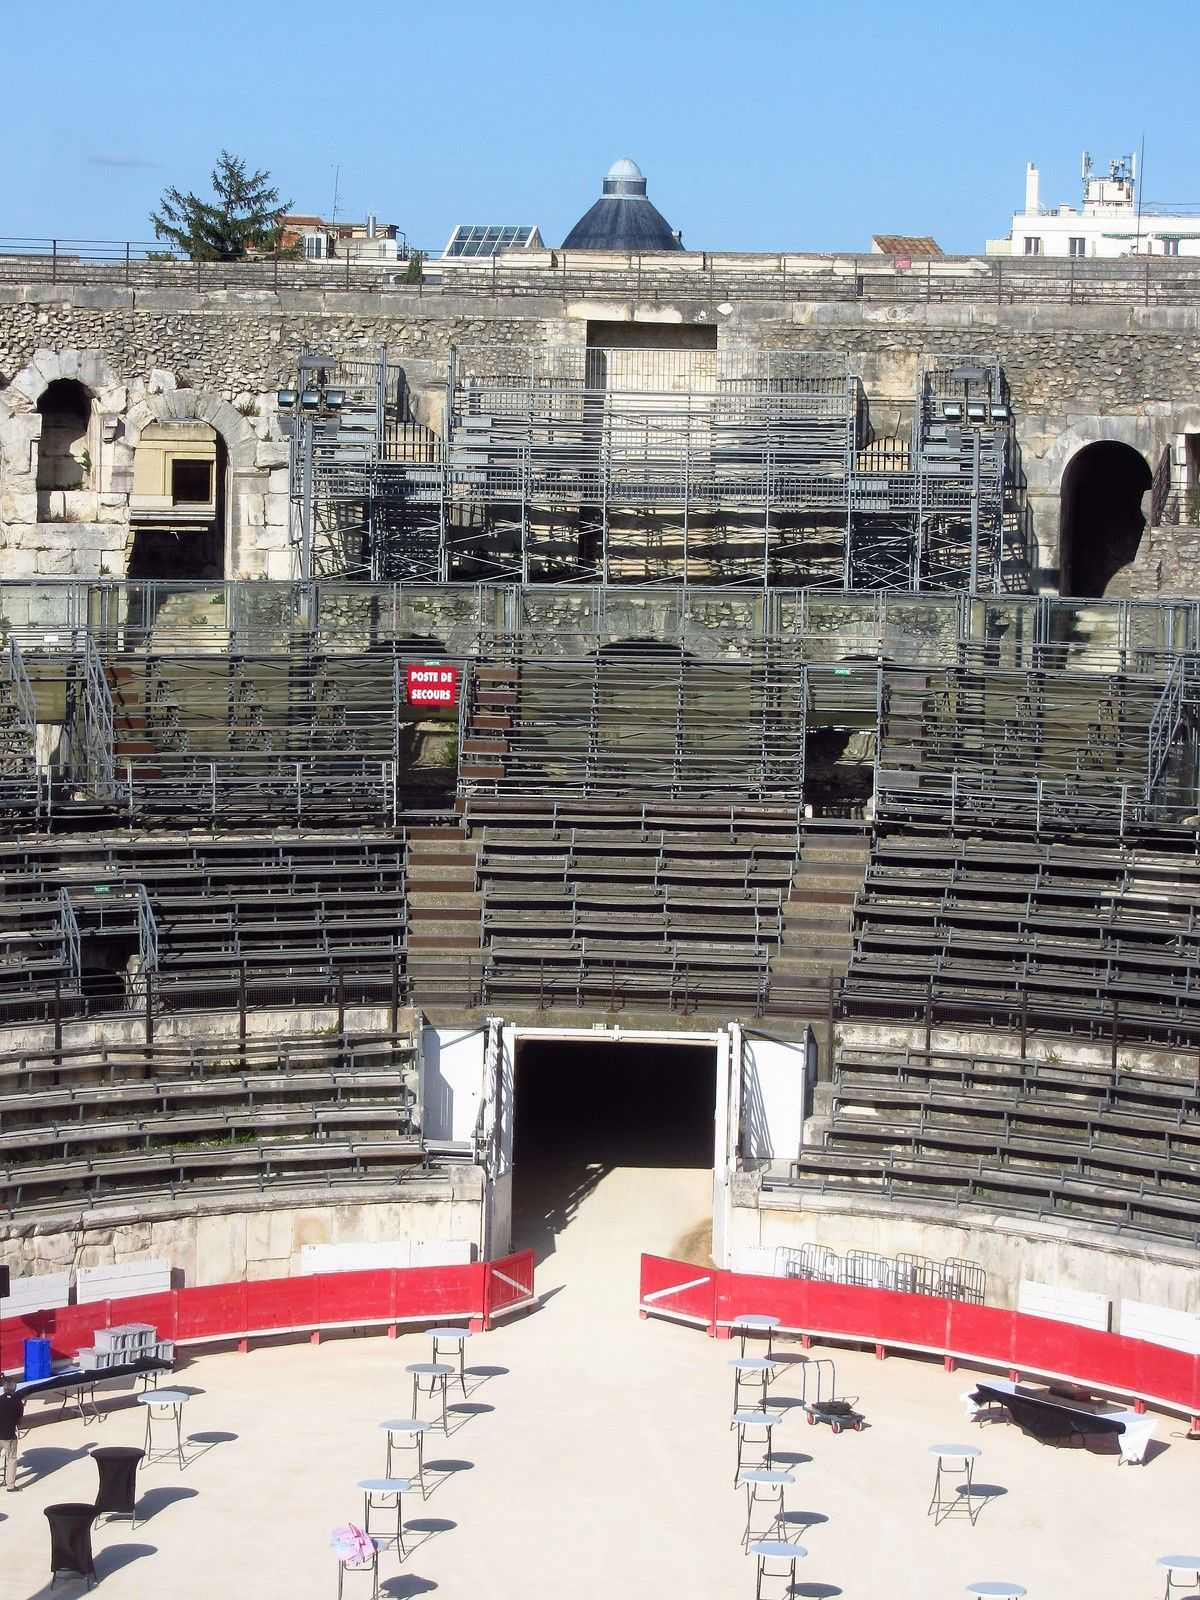 Voici la sortie par laquelle arrivaient les gladiateurs. Car c'est bien d'eux dont je voulais vous parler aujourd'hui.